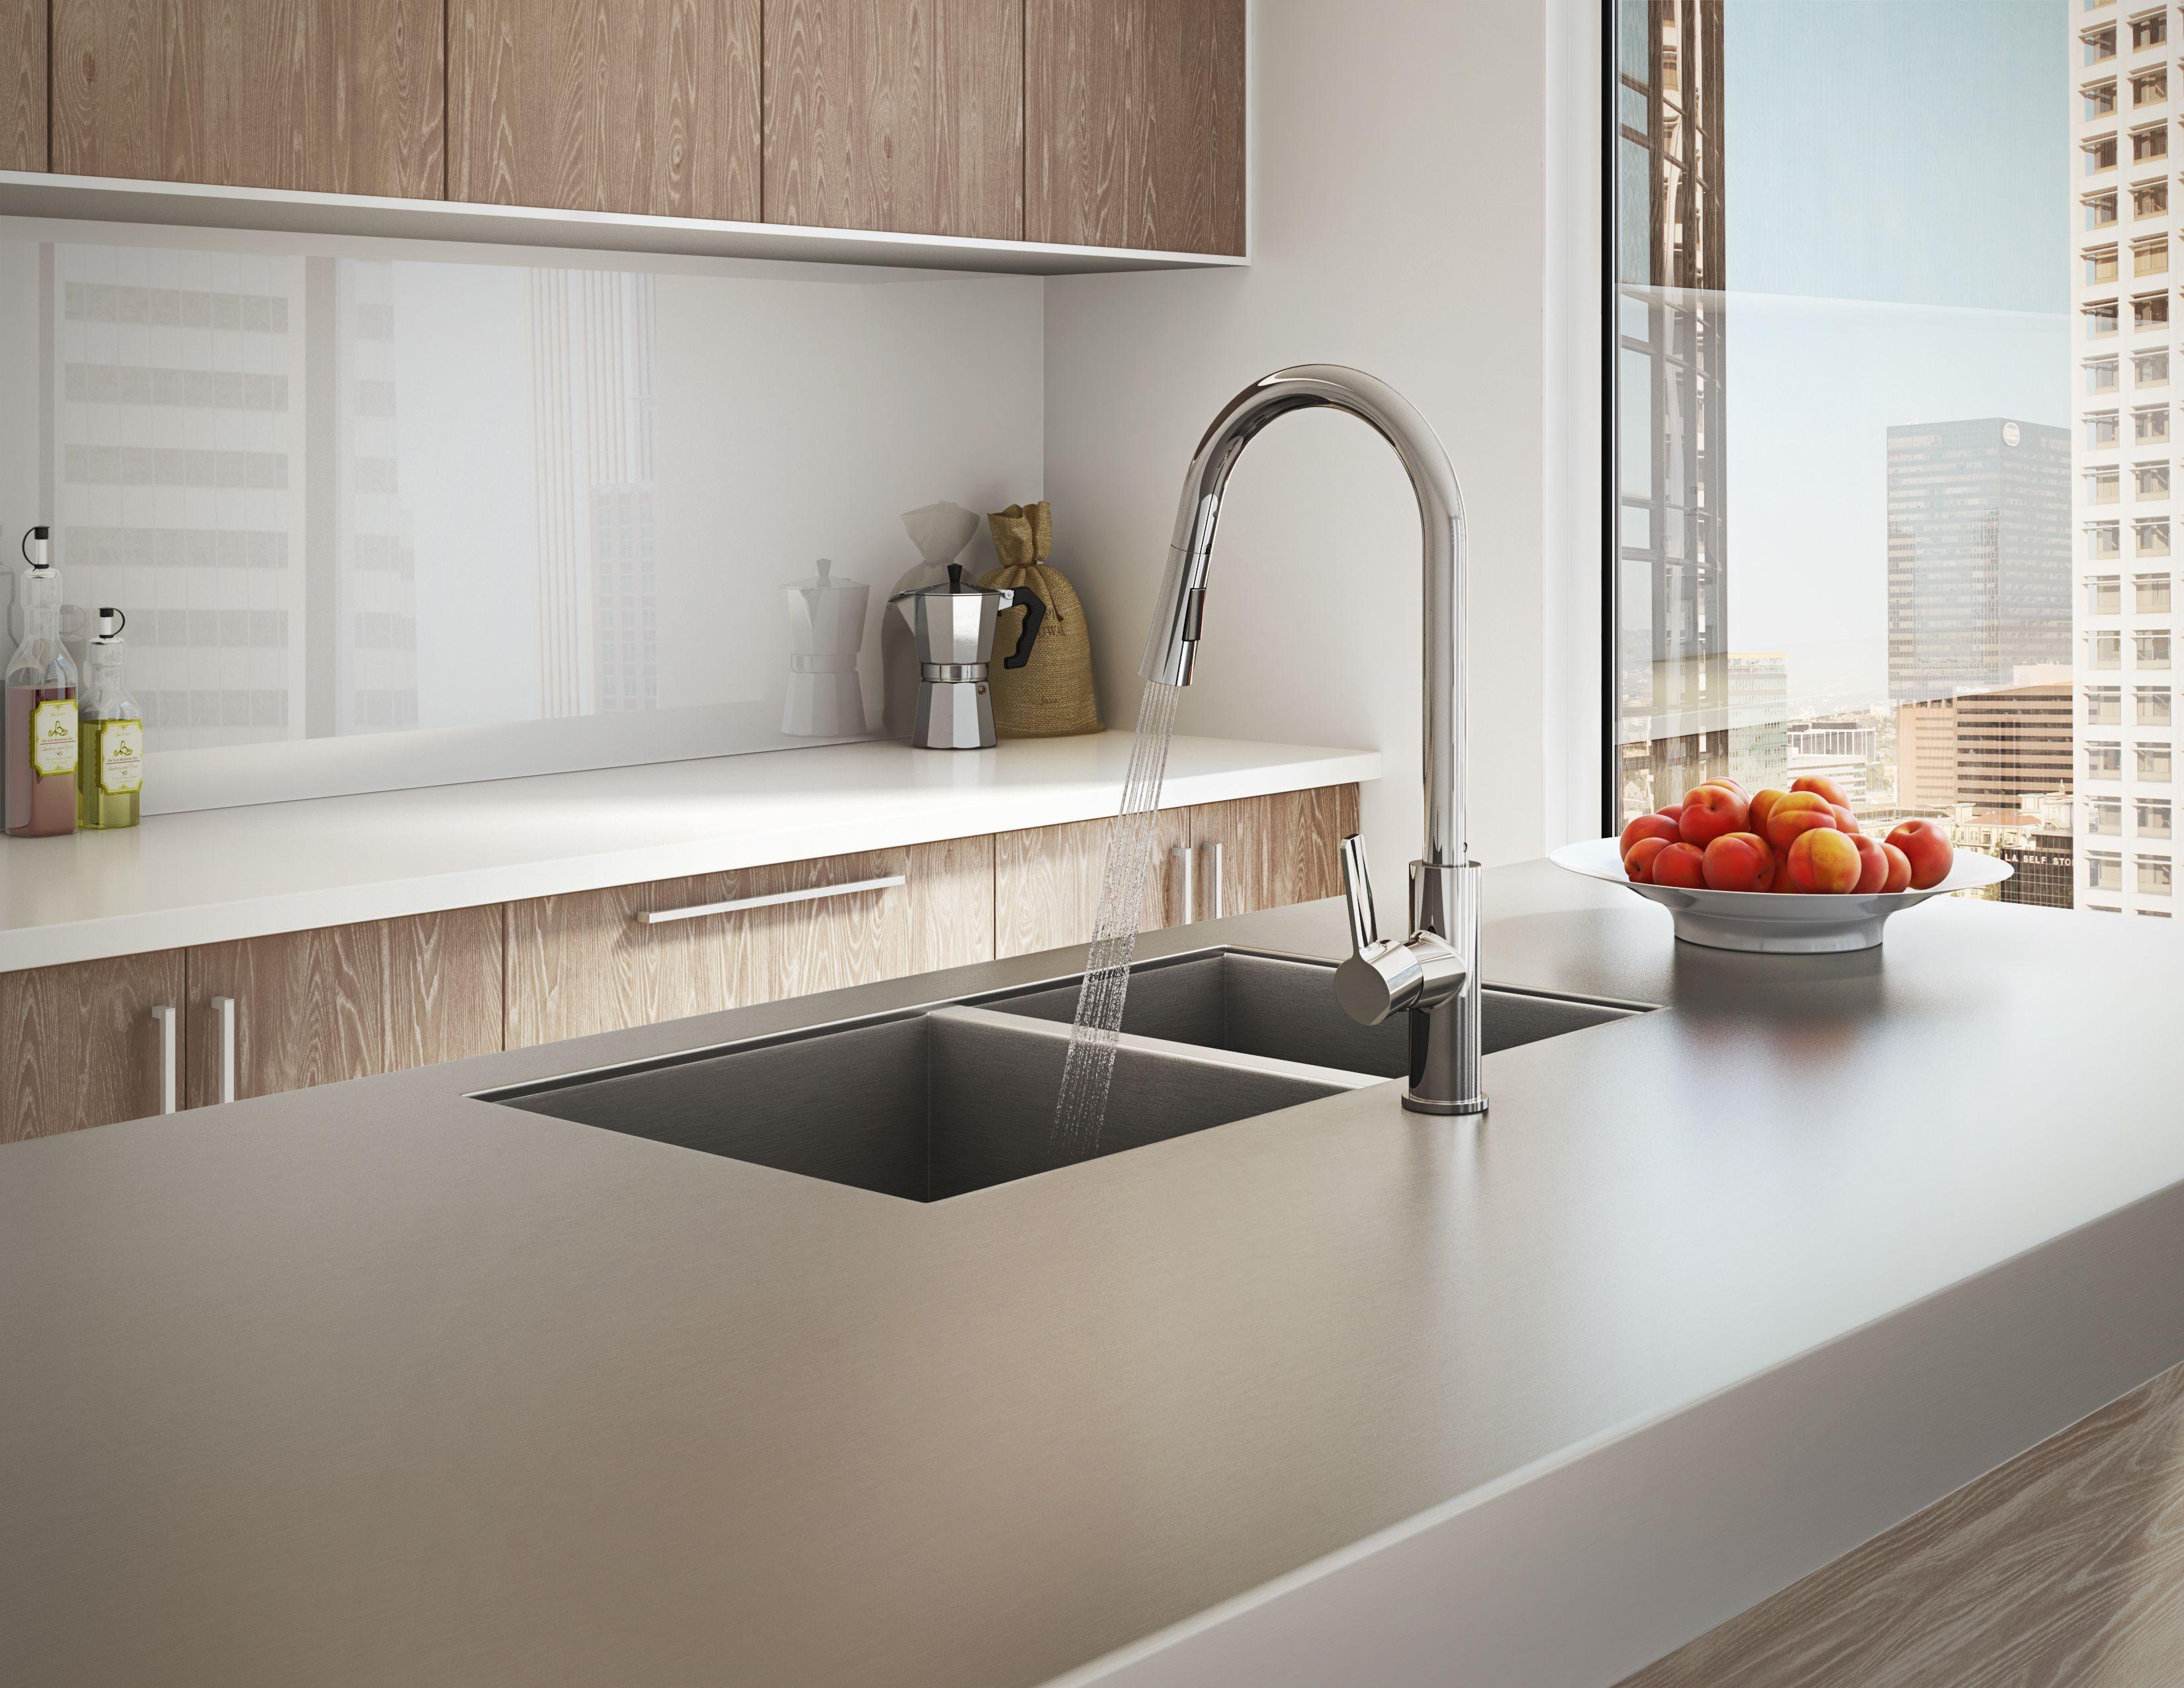 Po101c Kitchen Faucet Robinet De Cuisine Po101c Kitchen Cuisine Kitchen Faucet Kitchen Home